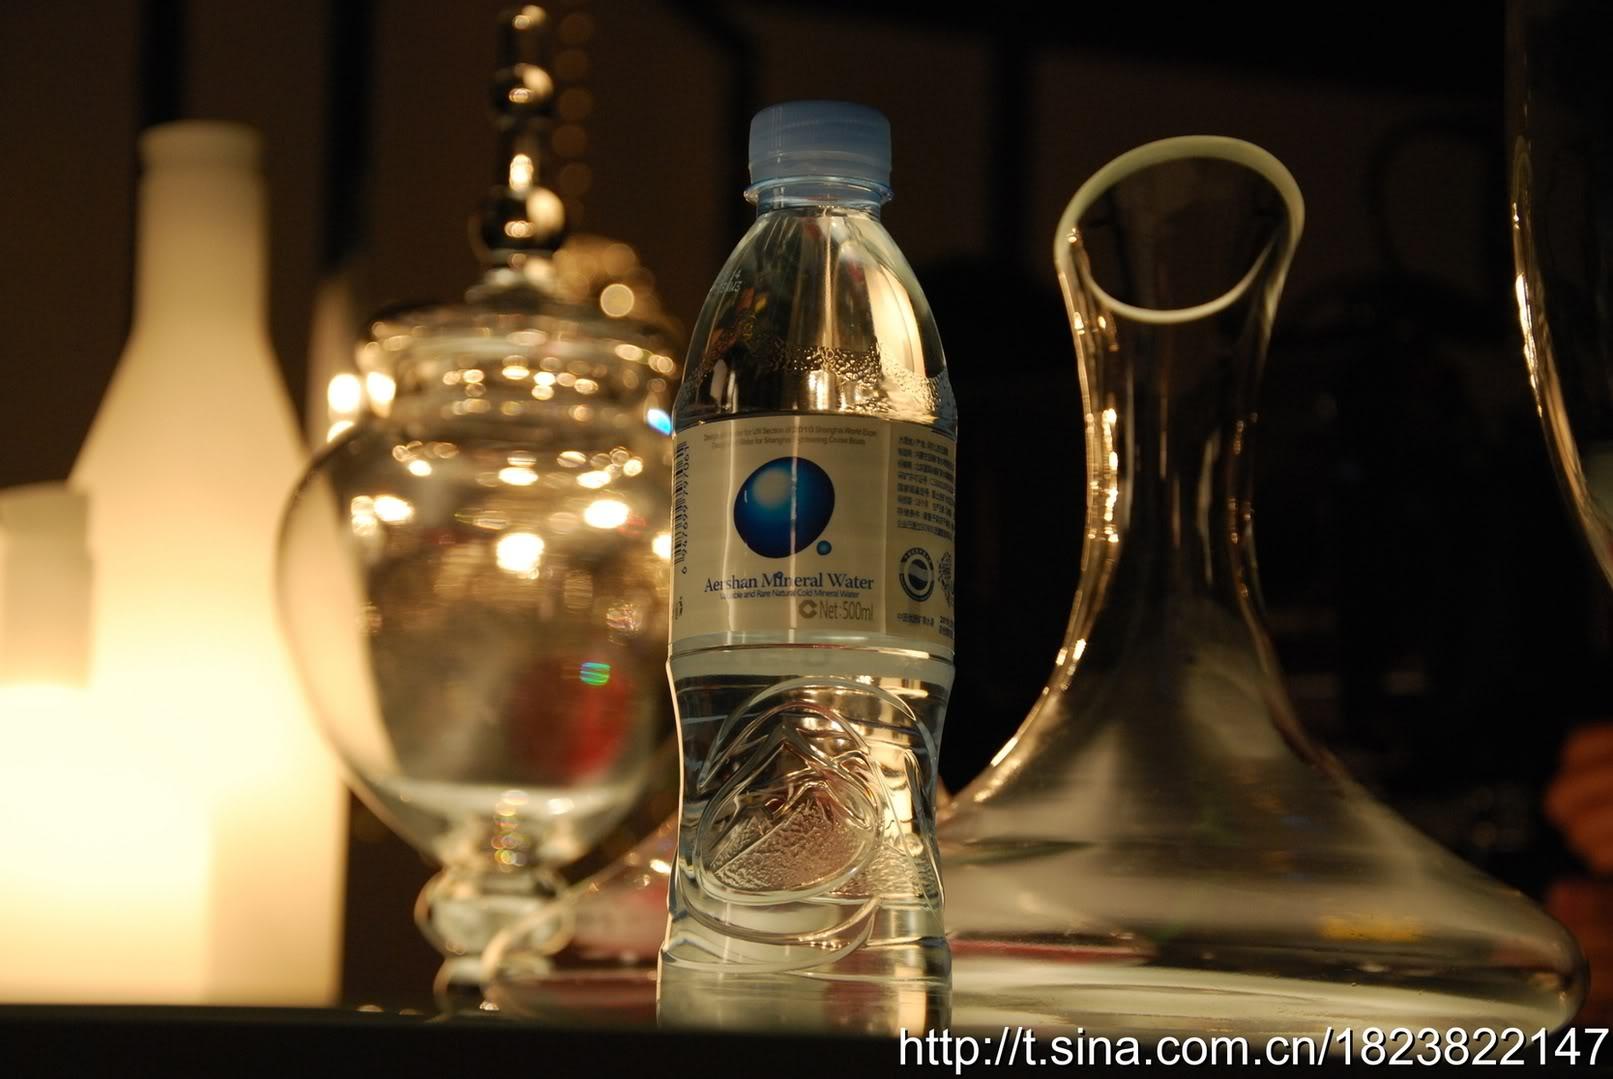 [2011] ถ่ายโฆษณาน้ำดื่ม Aersan_阿尔山 6cb55143t9135ae0684d4690